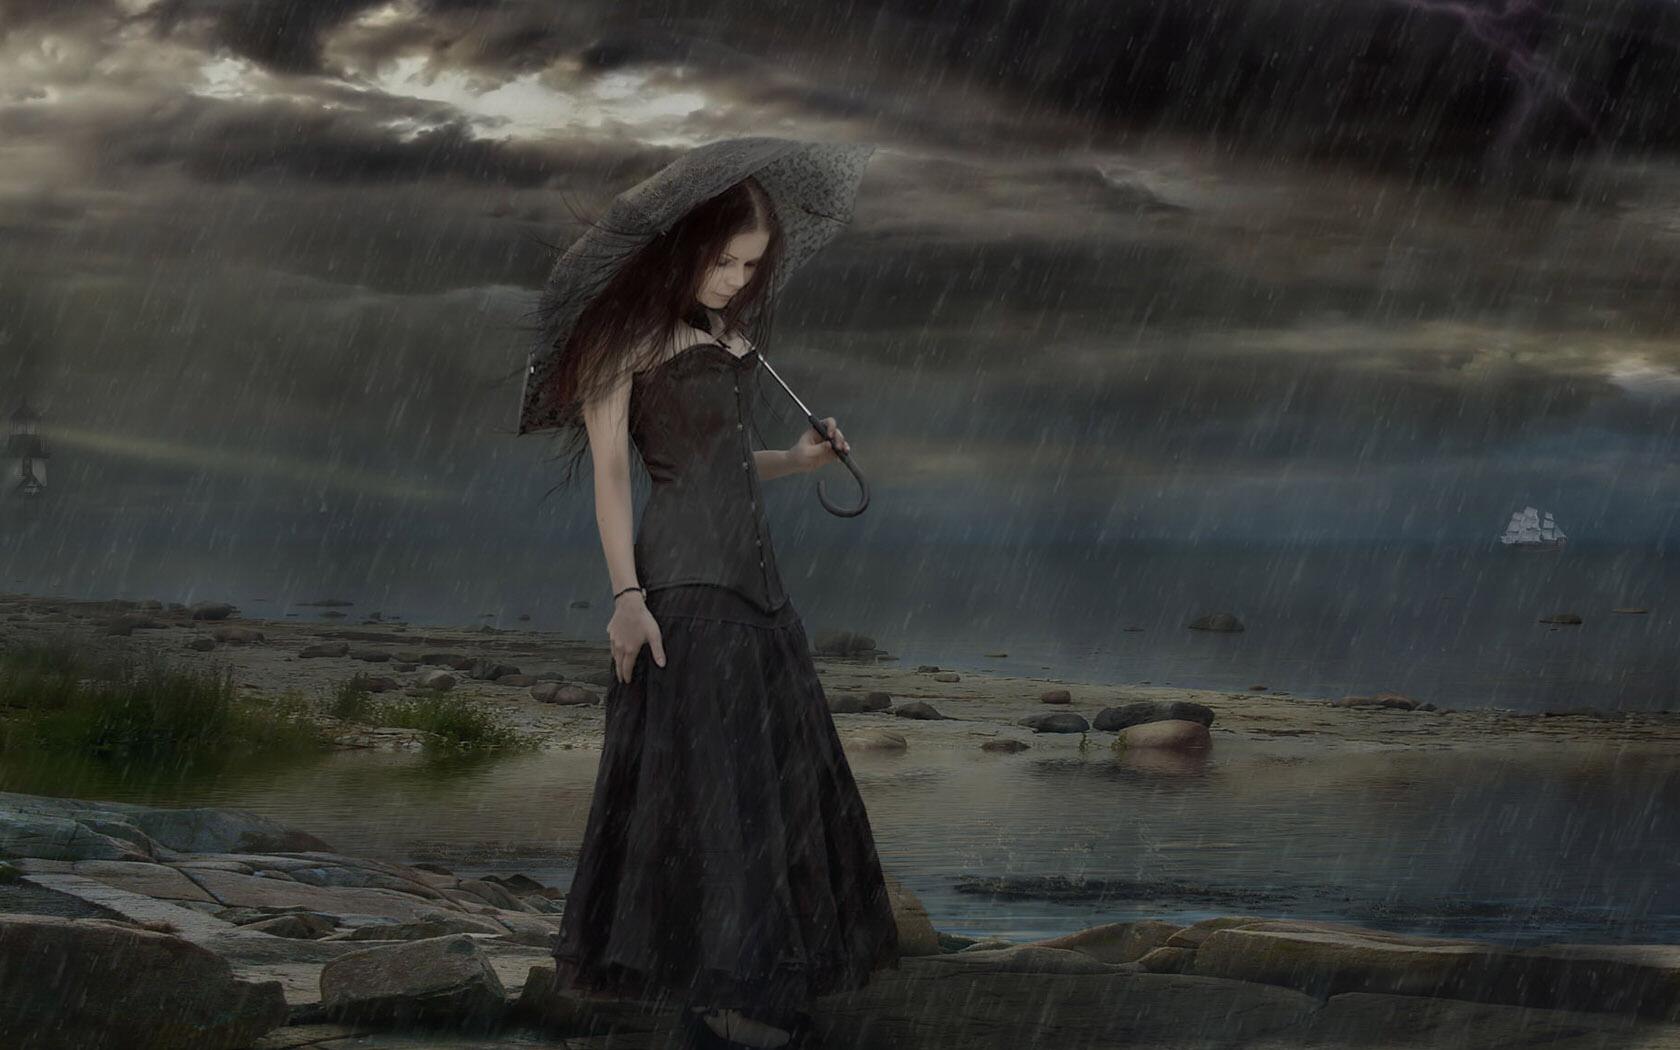 صورة خلفيات رومانسية حزينة , خلفيات تعبيرا عن الالم والحزن